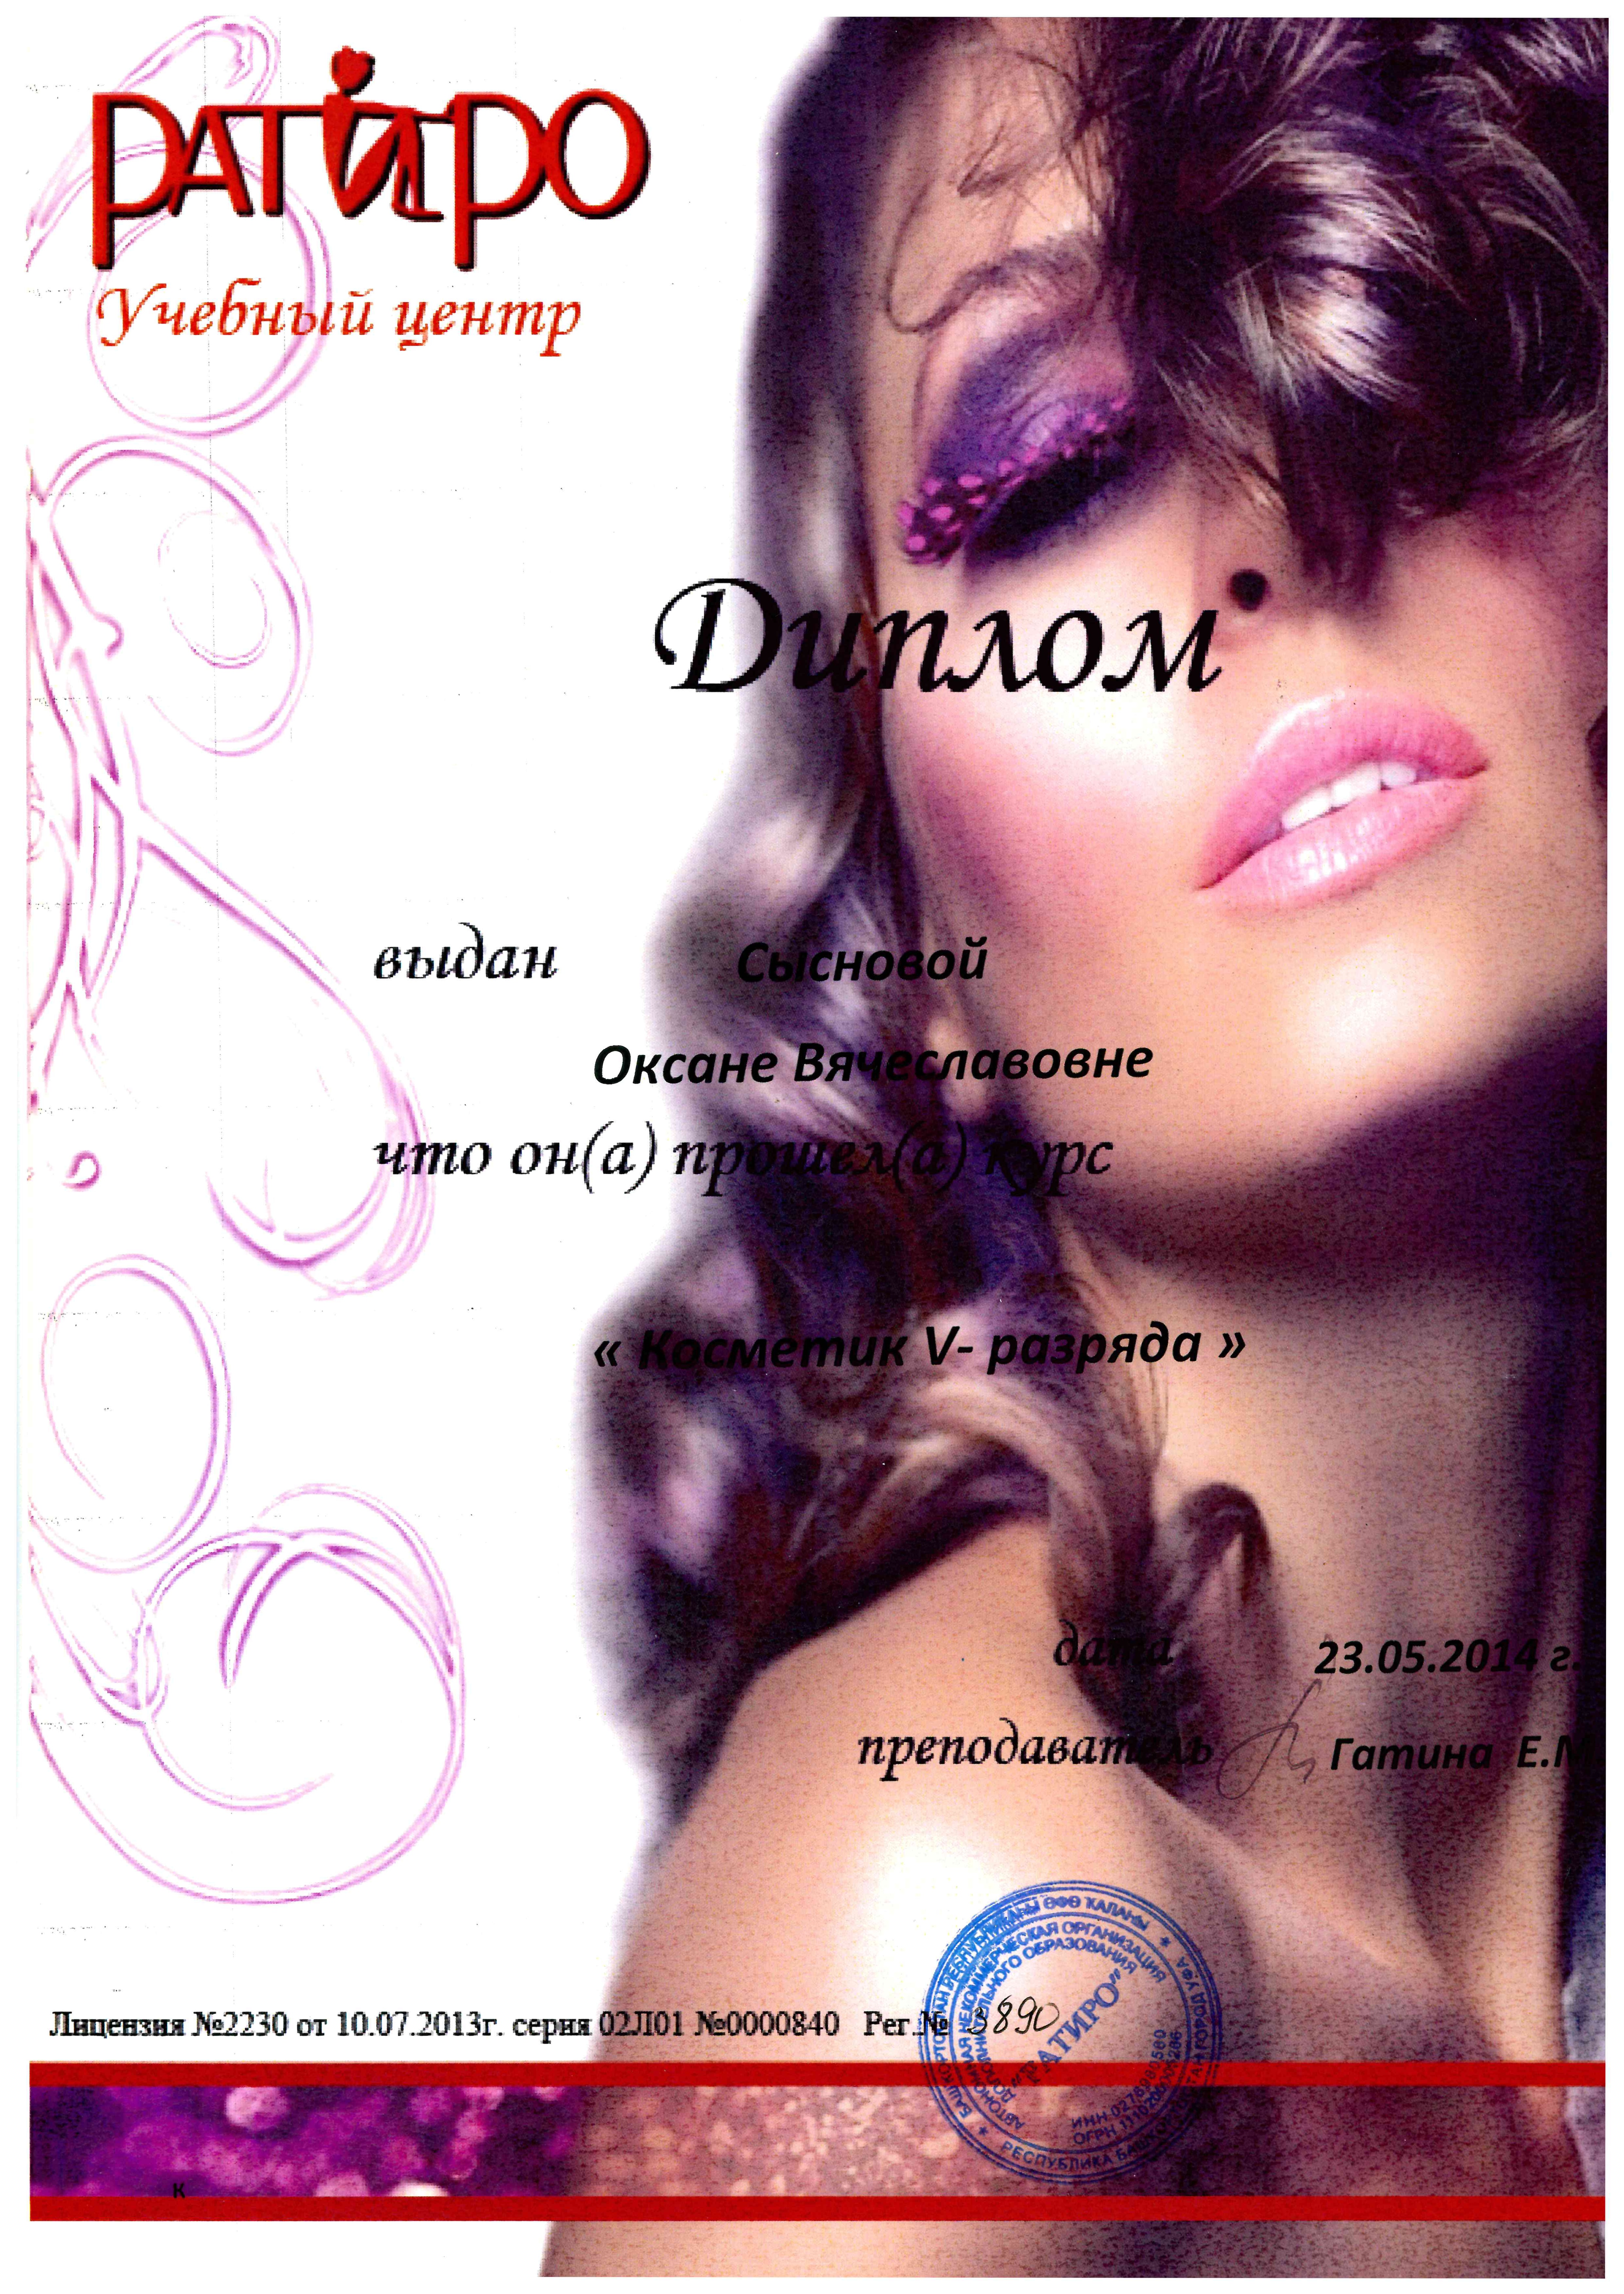 Dokumenty-po-kosmetologu-0002